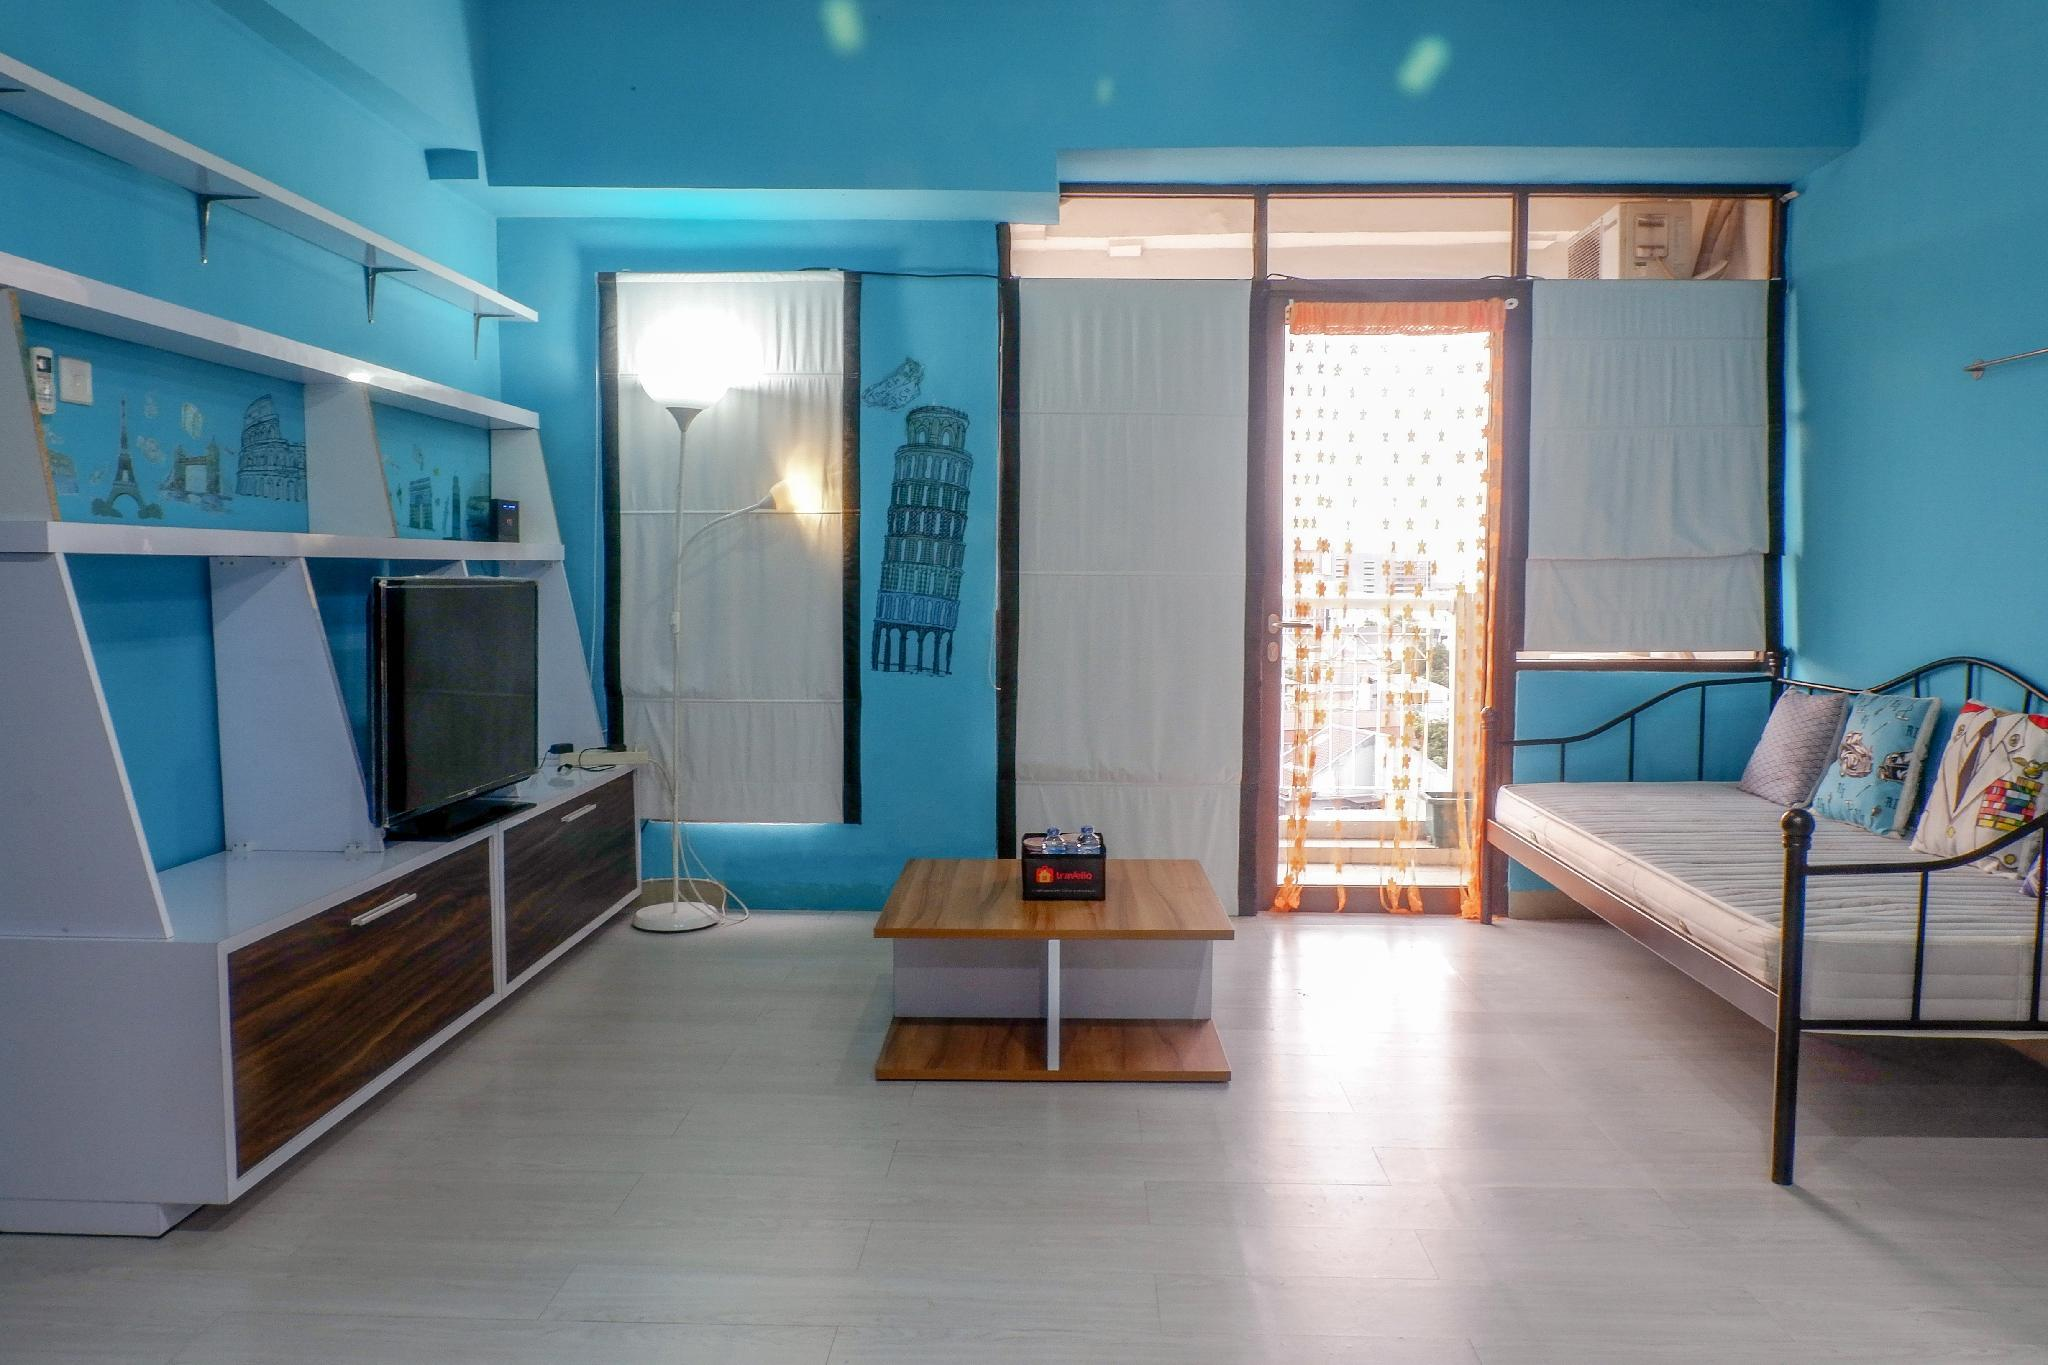 2BR Modern Minimalis Salemba Residence By Travelio